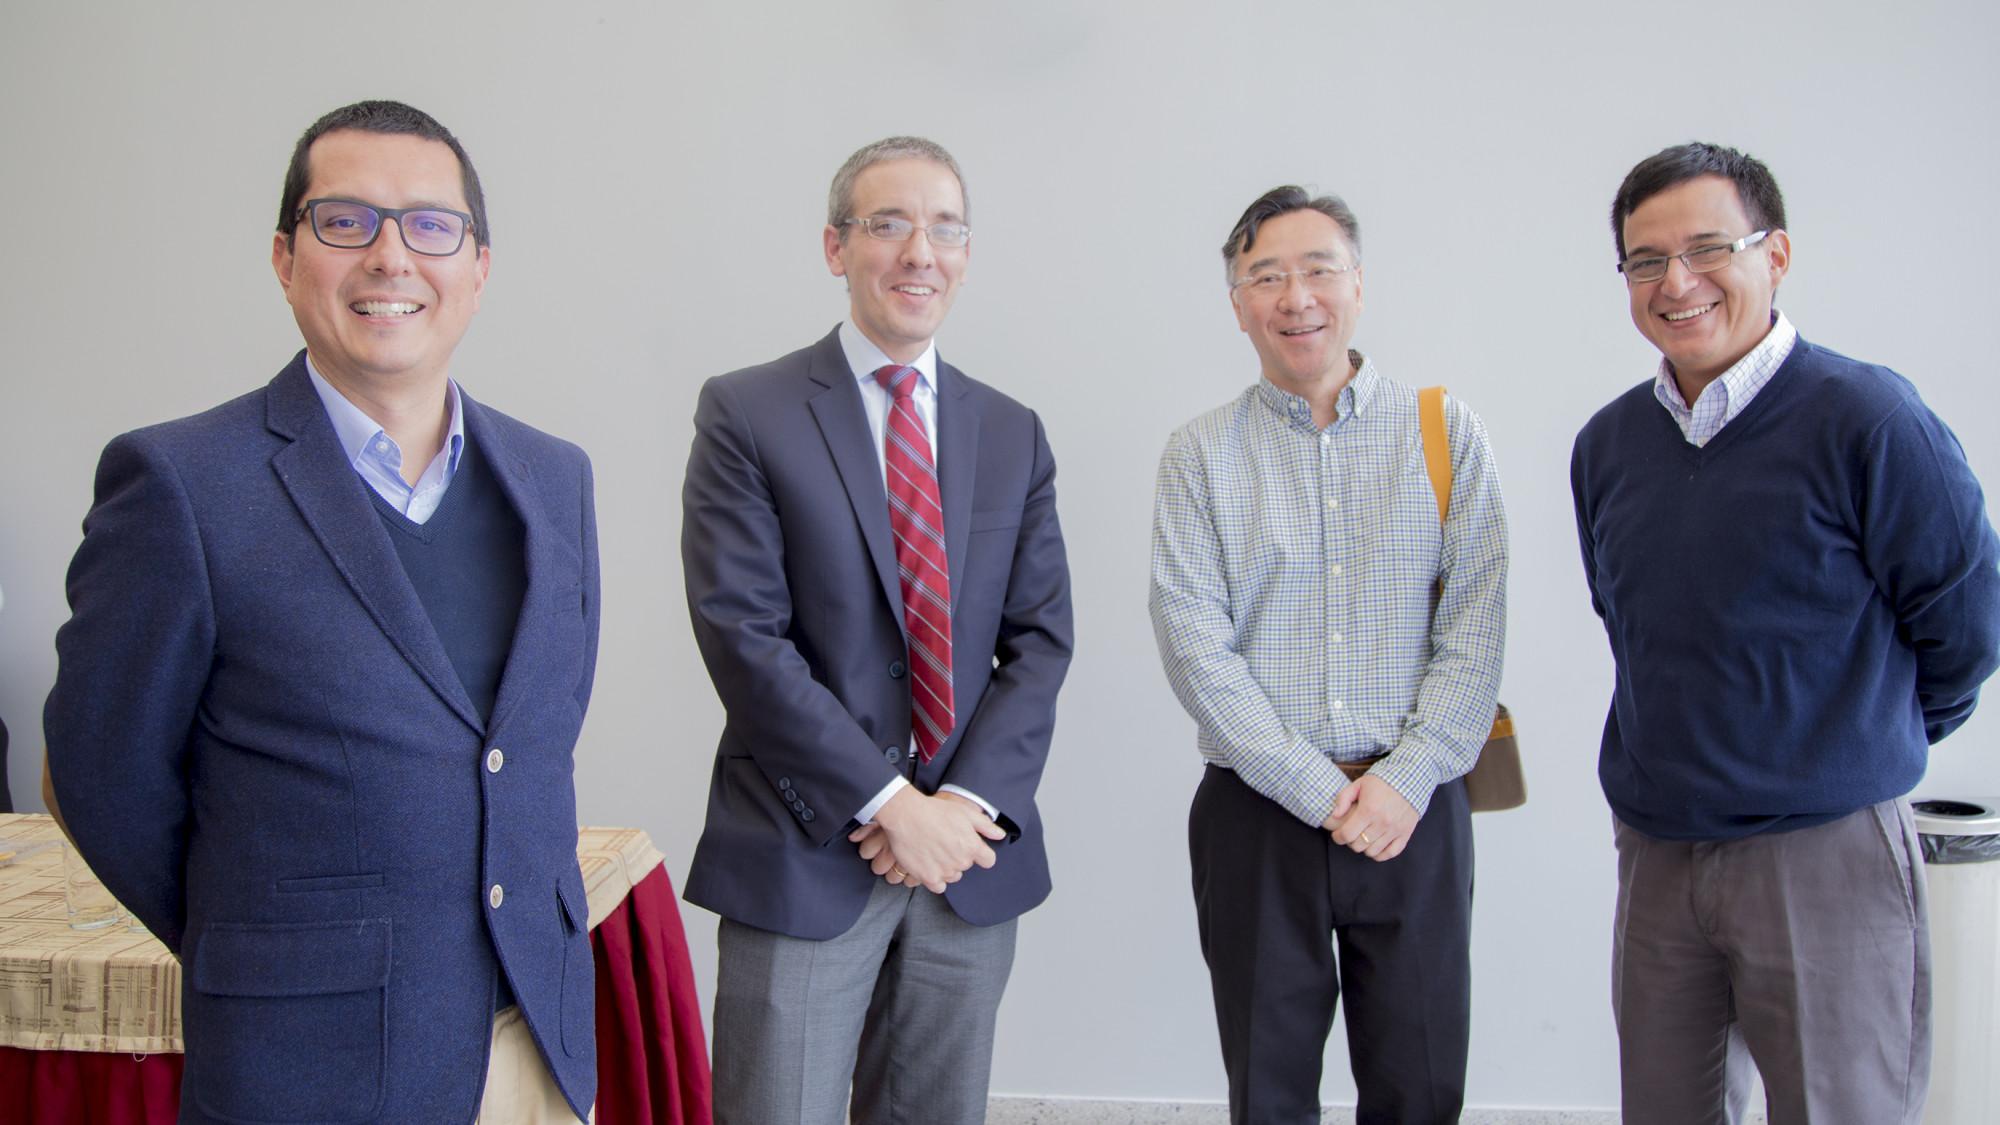 De izquierda a derecho: Miguel Ángel Carpio, César Calvo, Alberto Chong